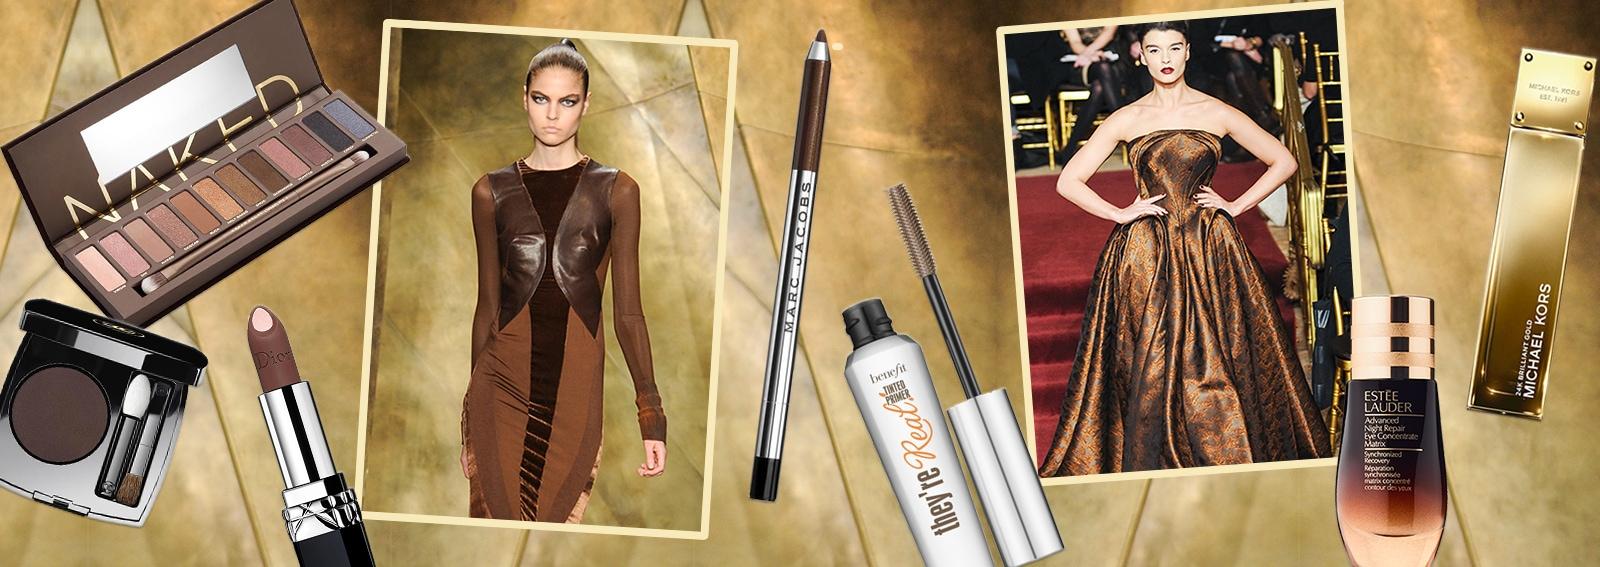 MARRONE make up prodotti di bellezza collage_desktop